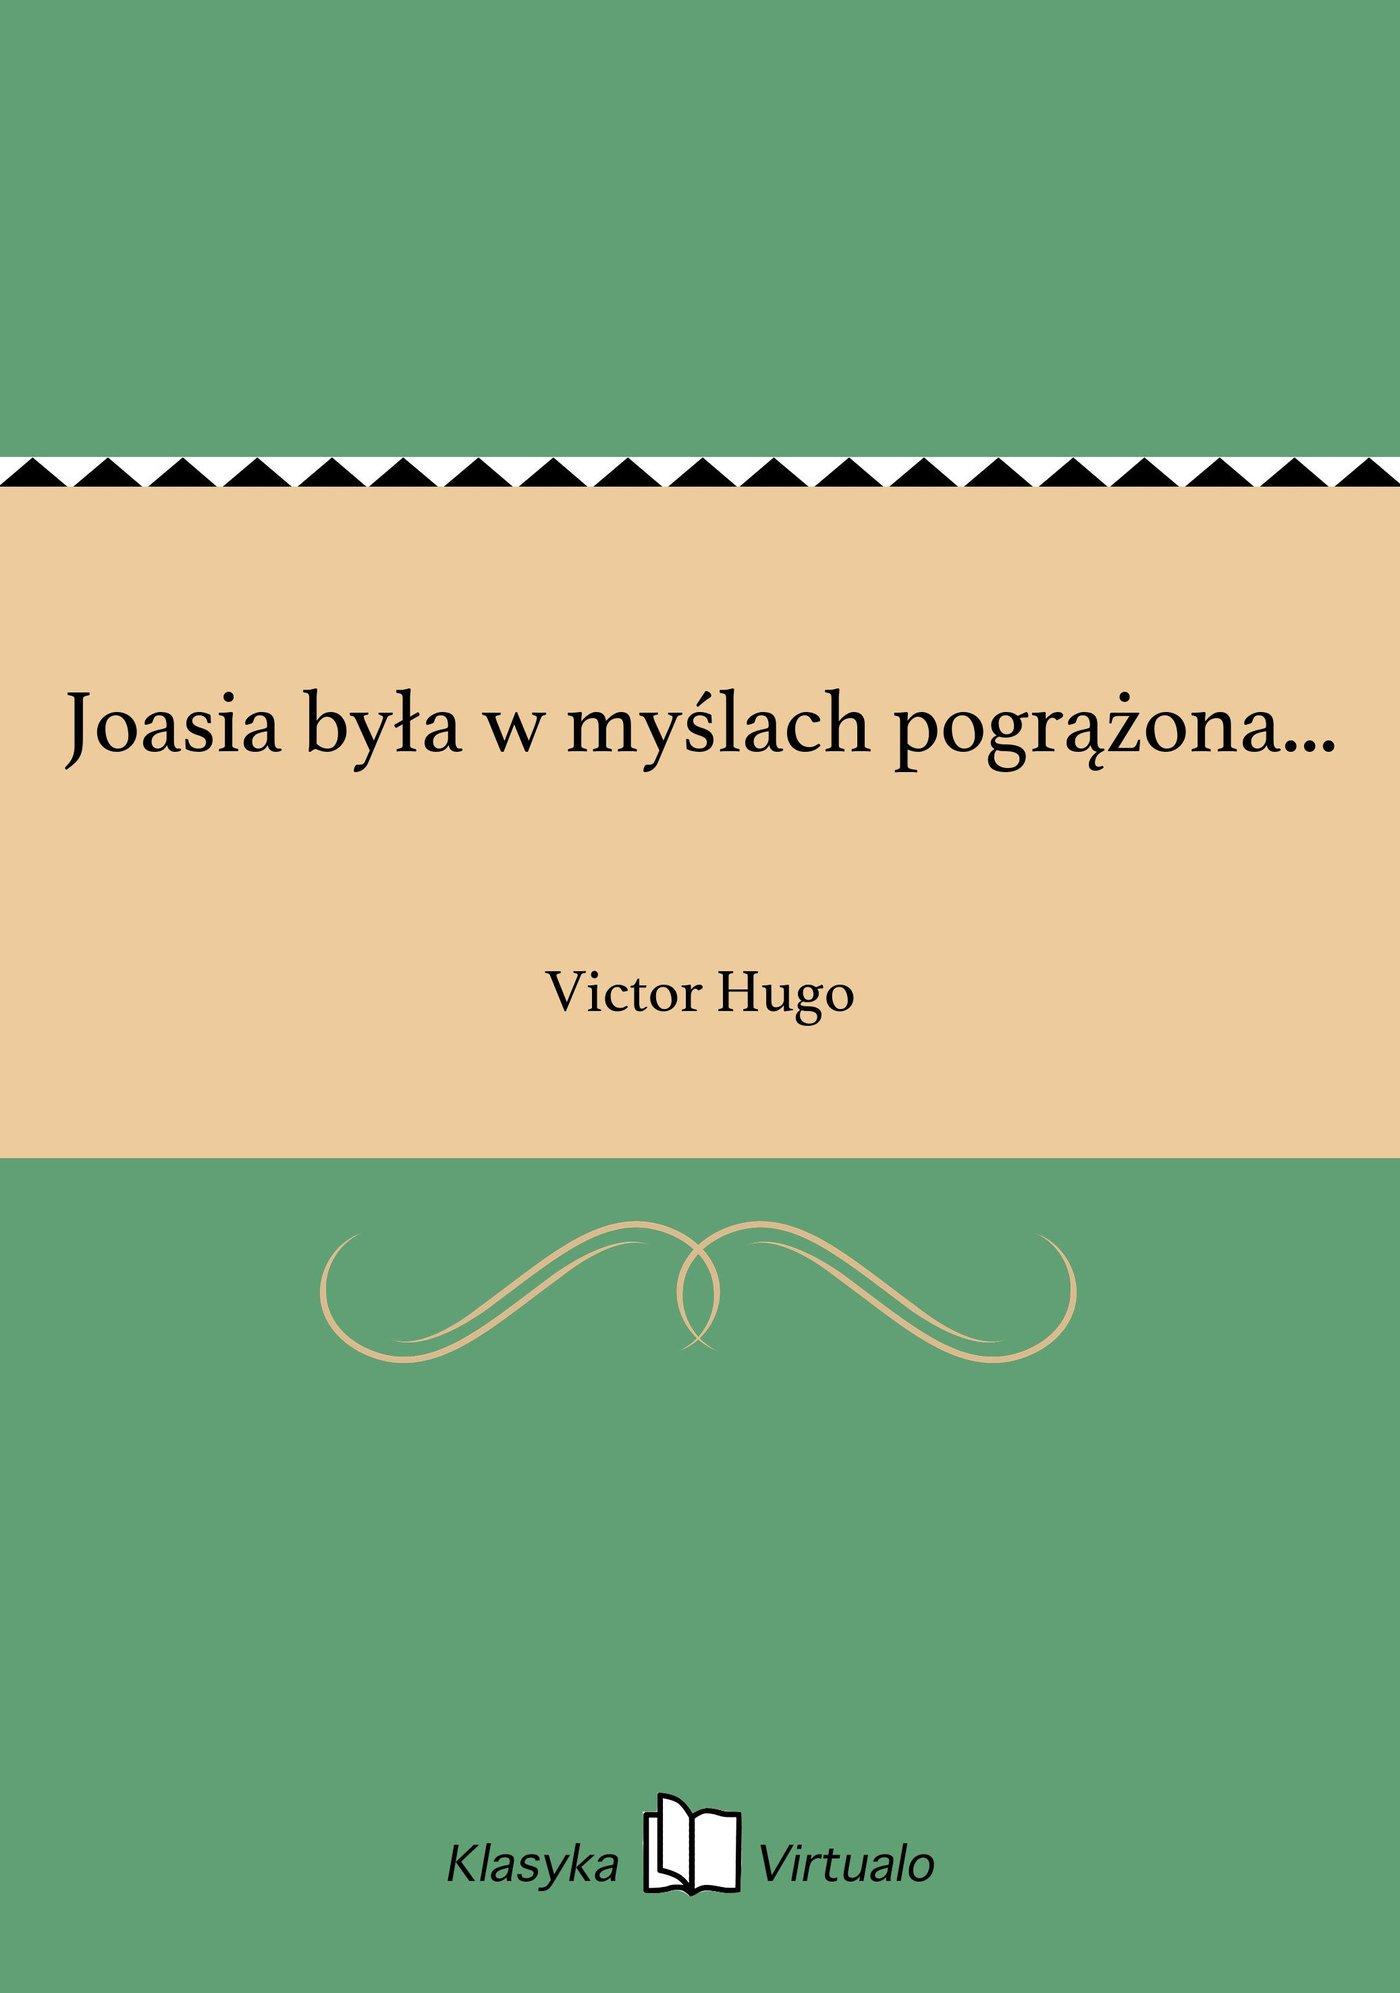 Joasia była w myślach pogrążona... - Ebook (Książka EPUB) do pobrania w formacie EPUB